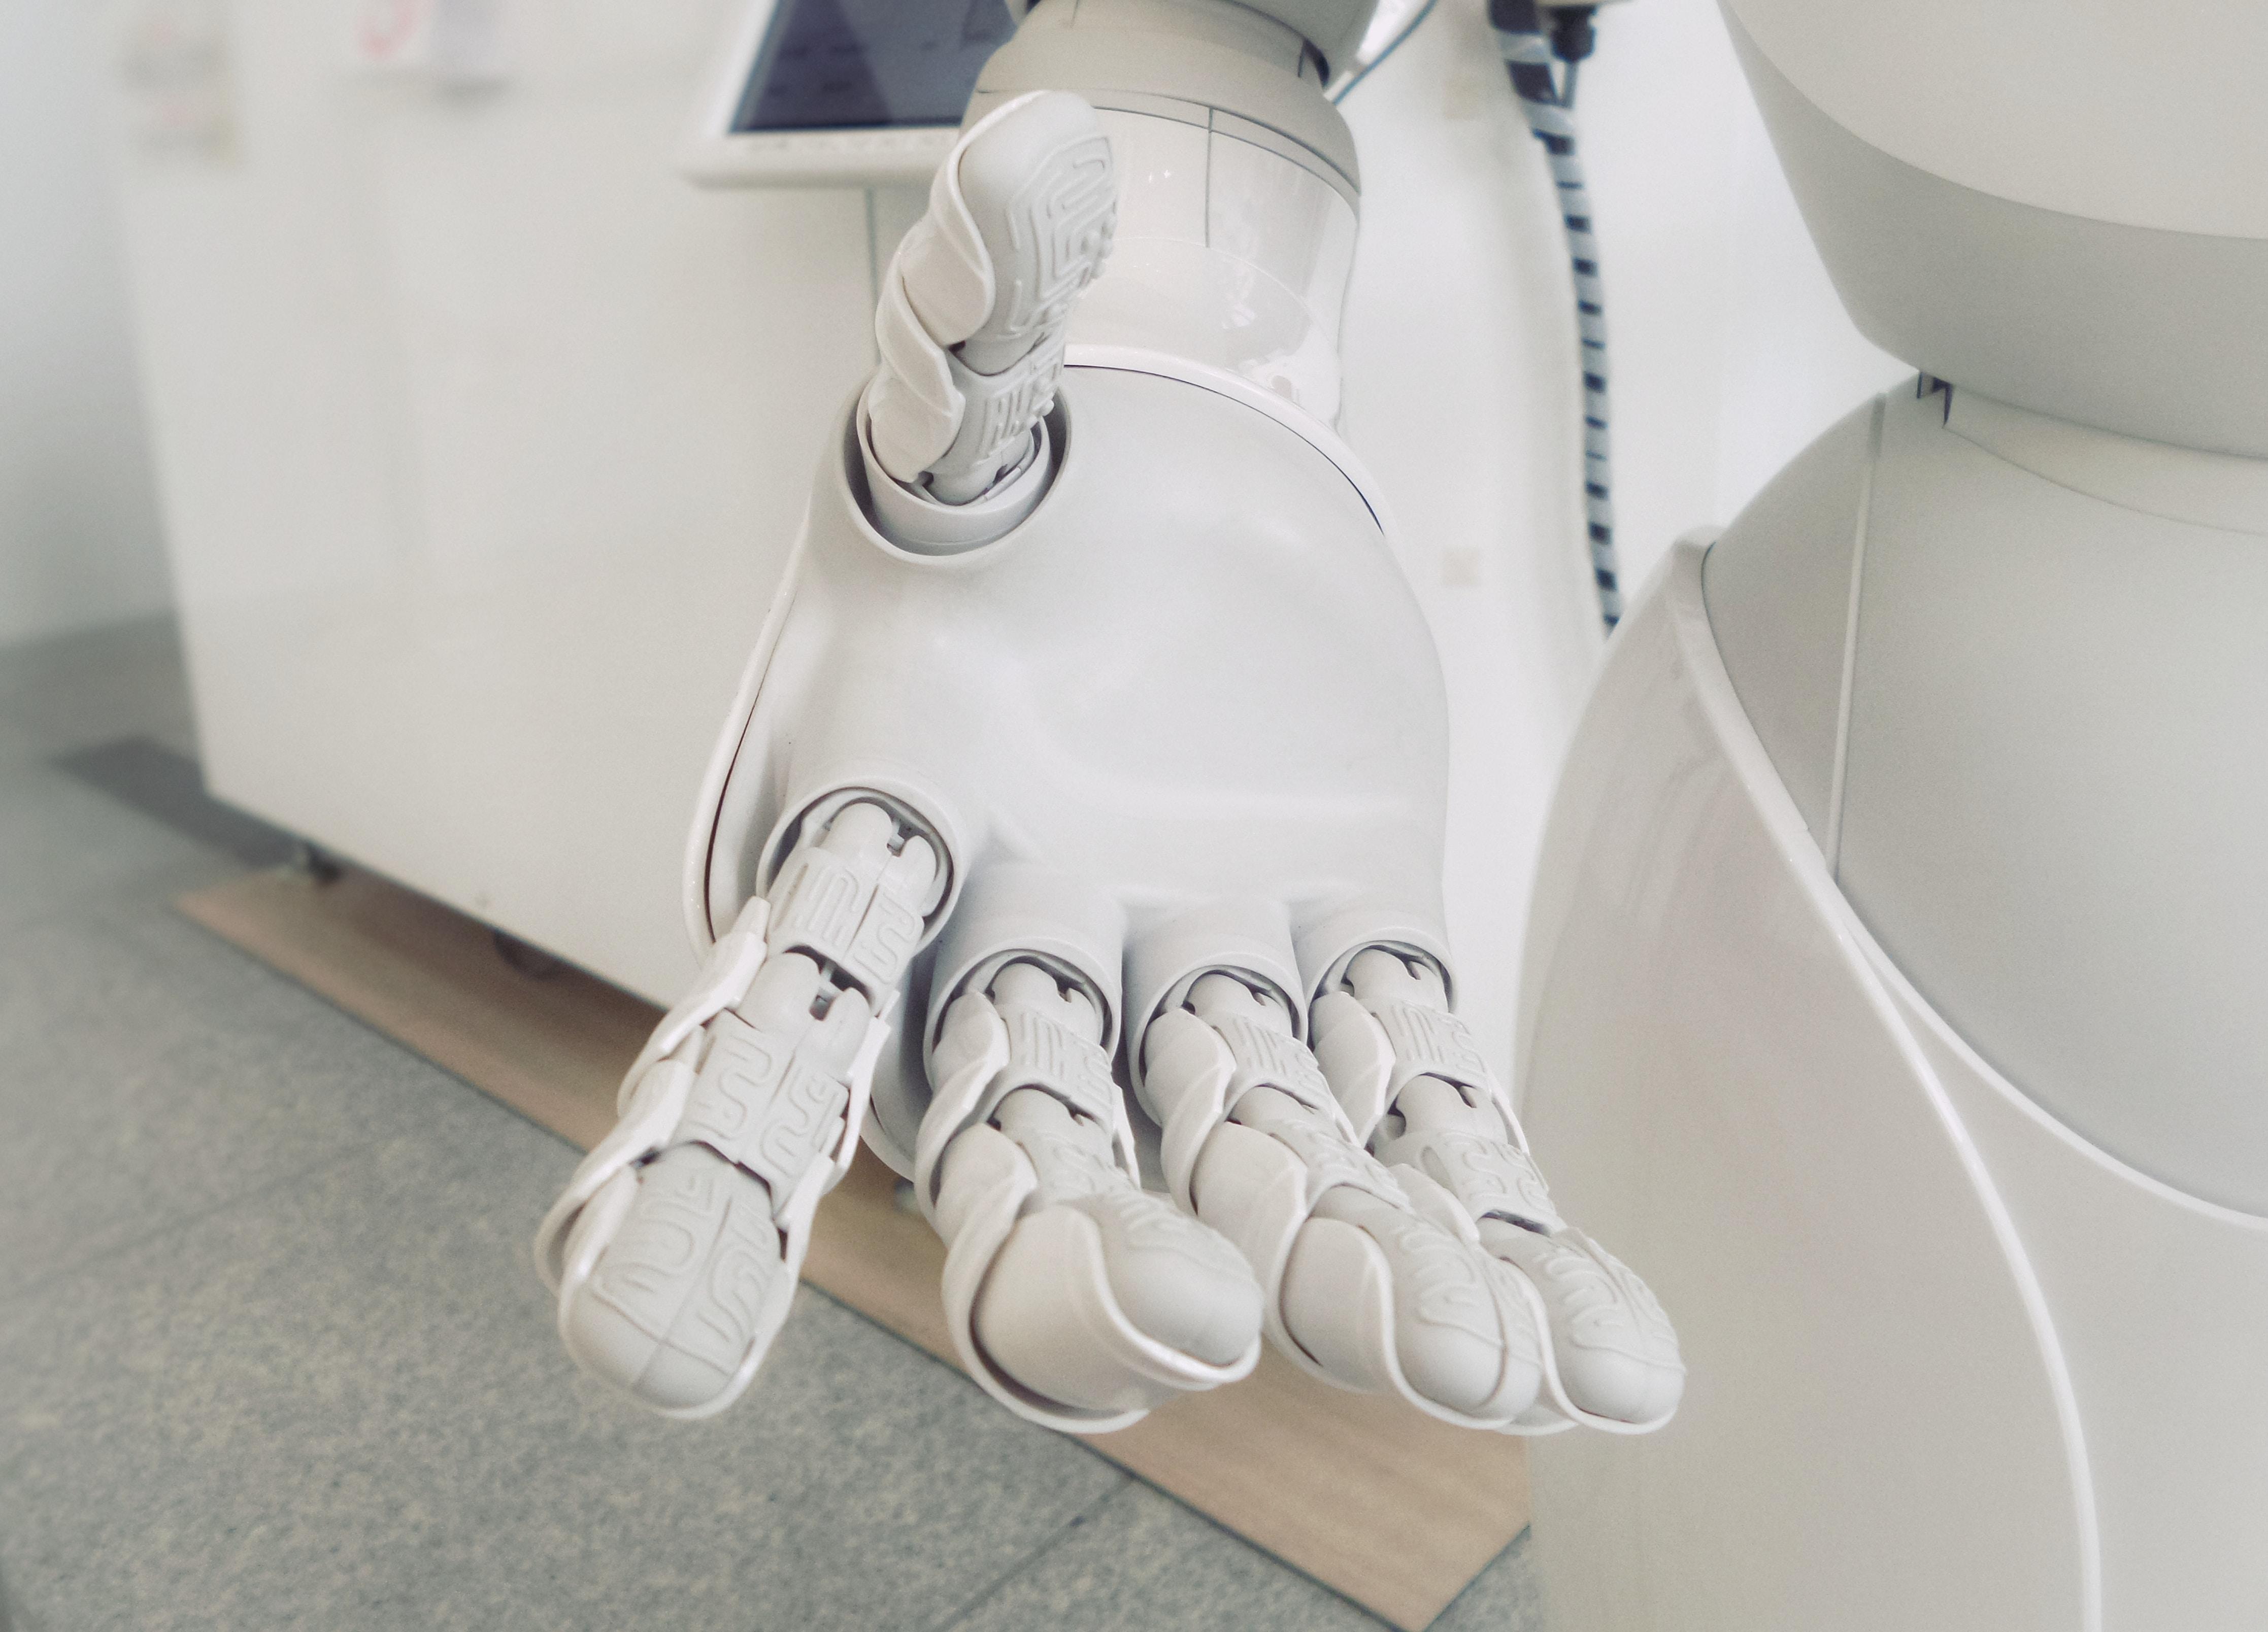 15021752962383 - ROBÔS-VIVOS: Conheça os primeiros robôs feitos com células humanas